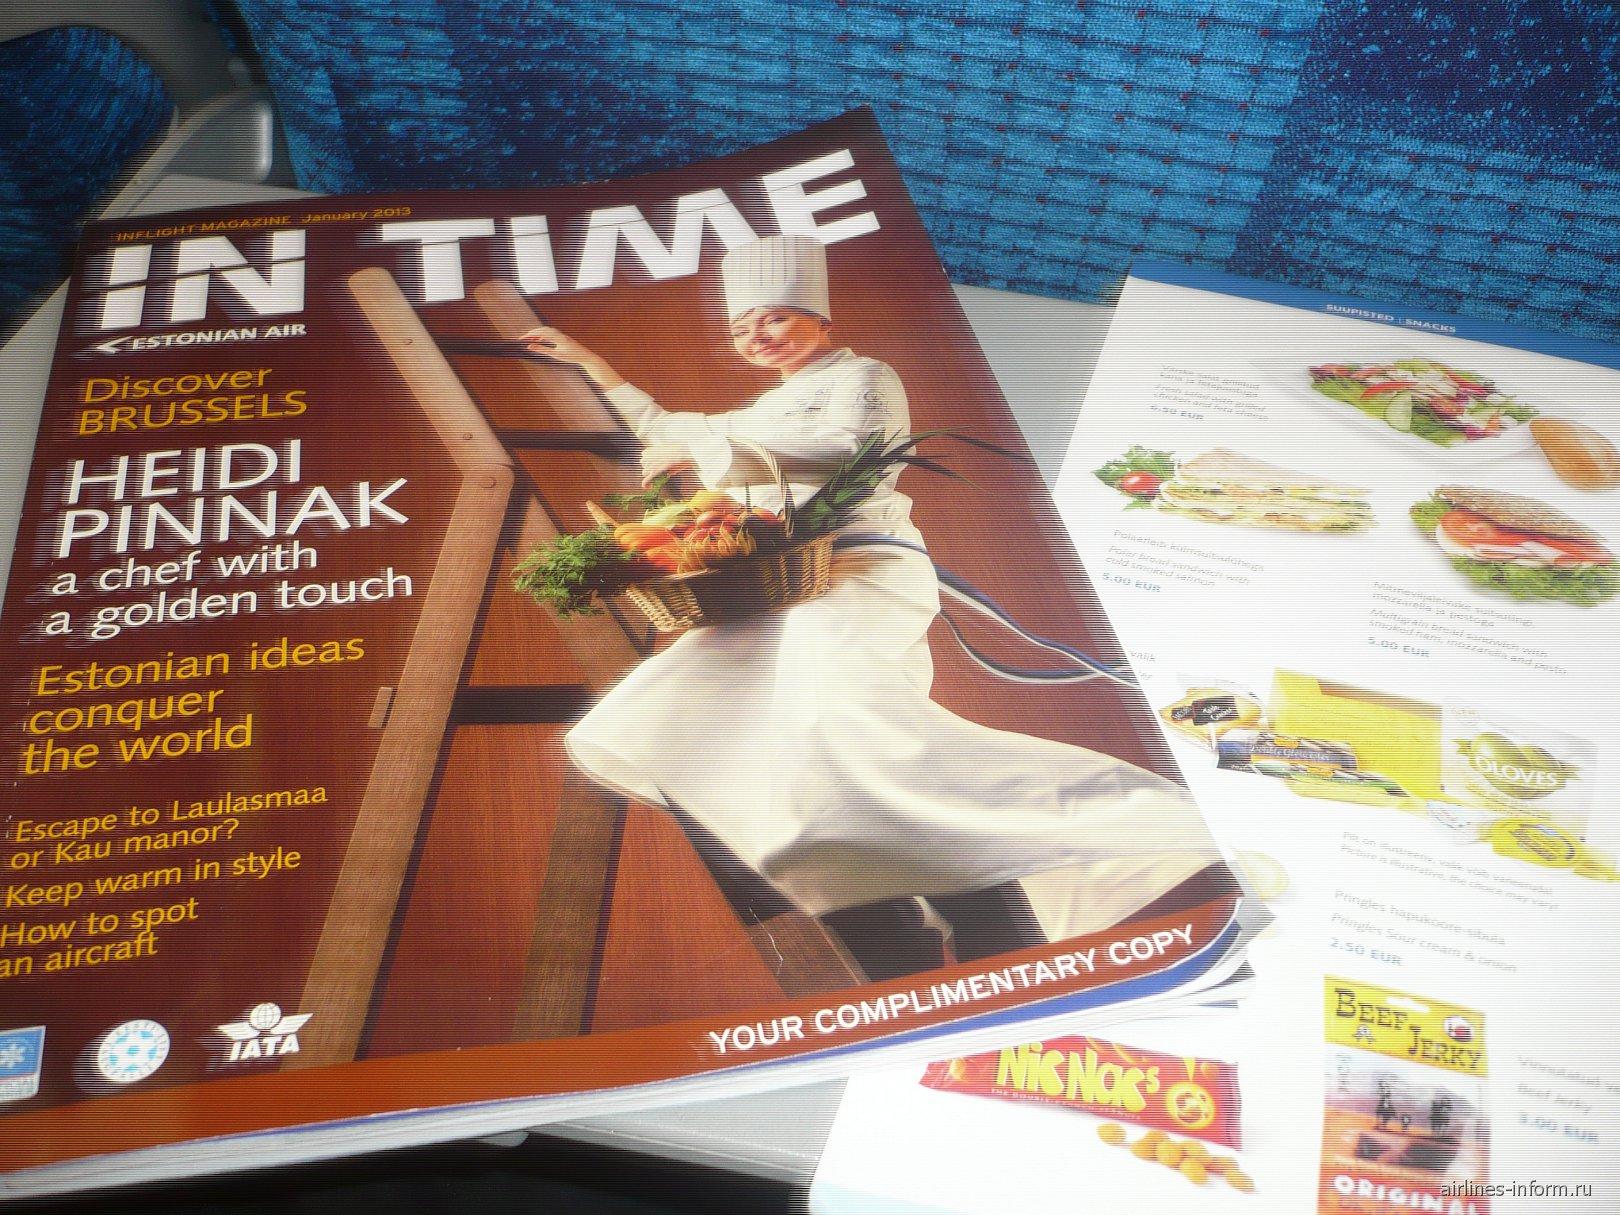 Журнал для пассажиров авиакомпании Estonian Air